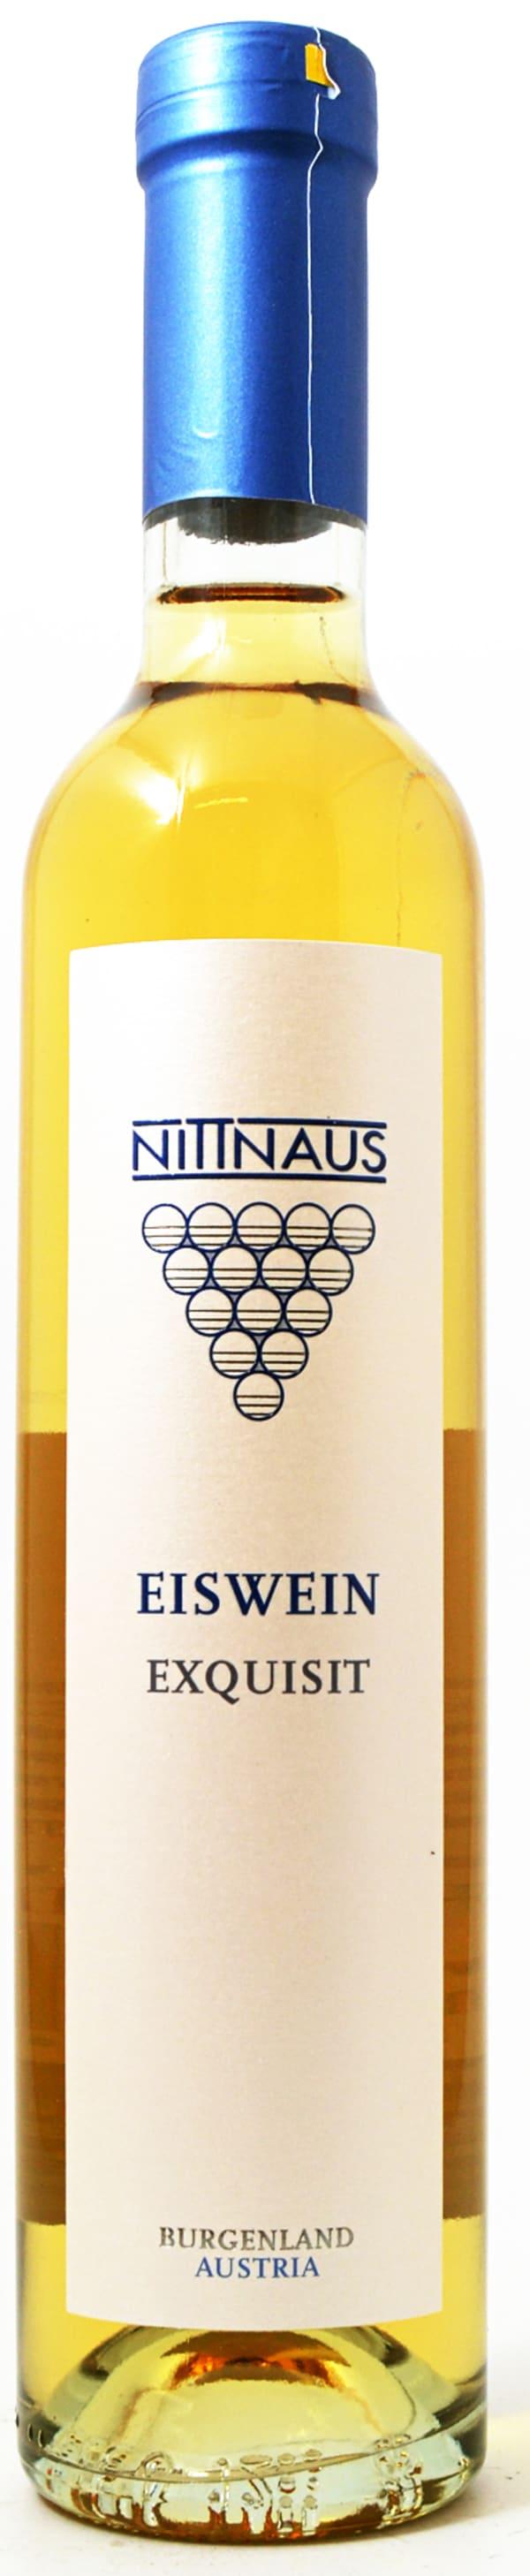 Nittnaus Eiswein Exquisit 2015